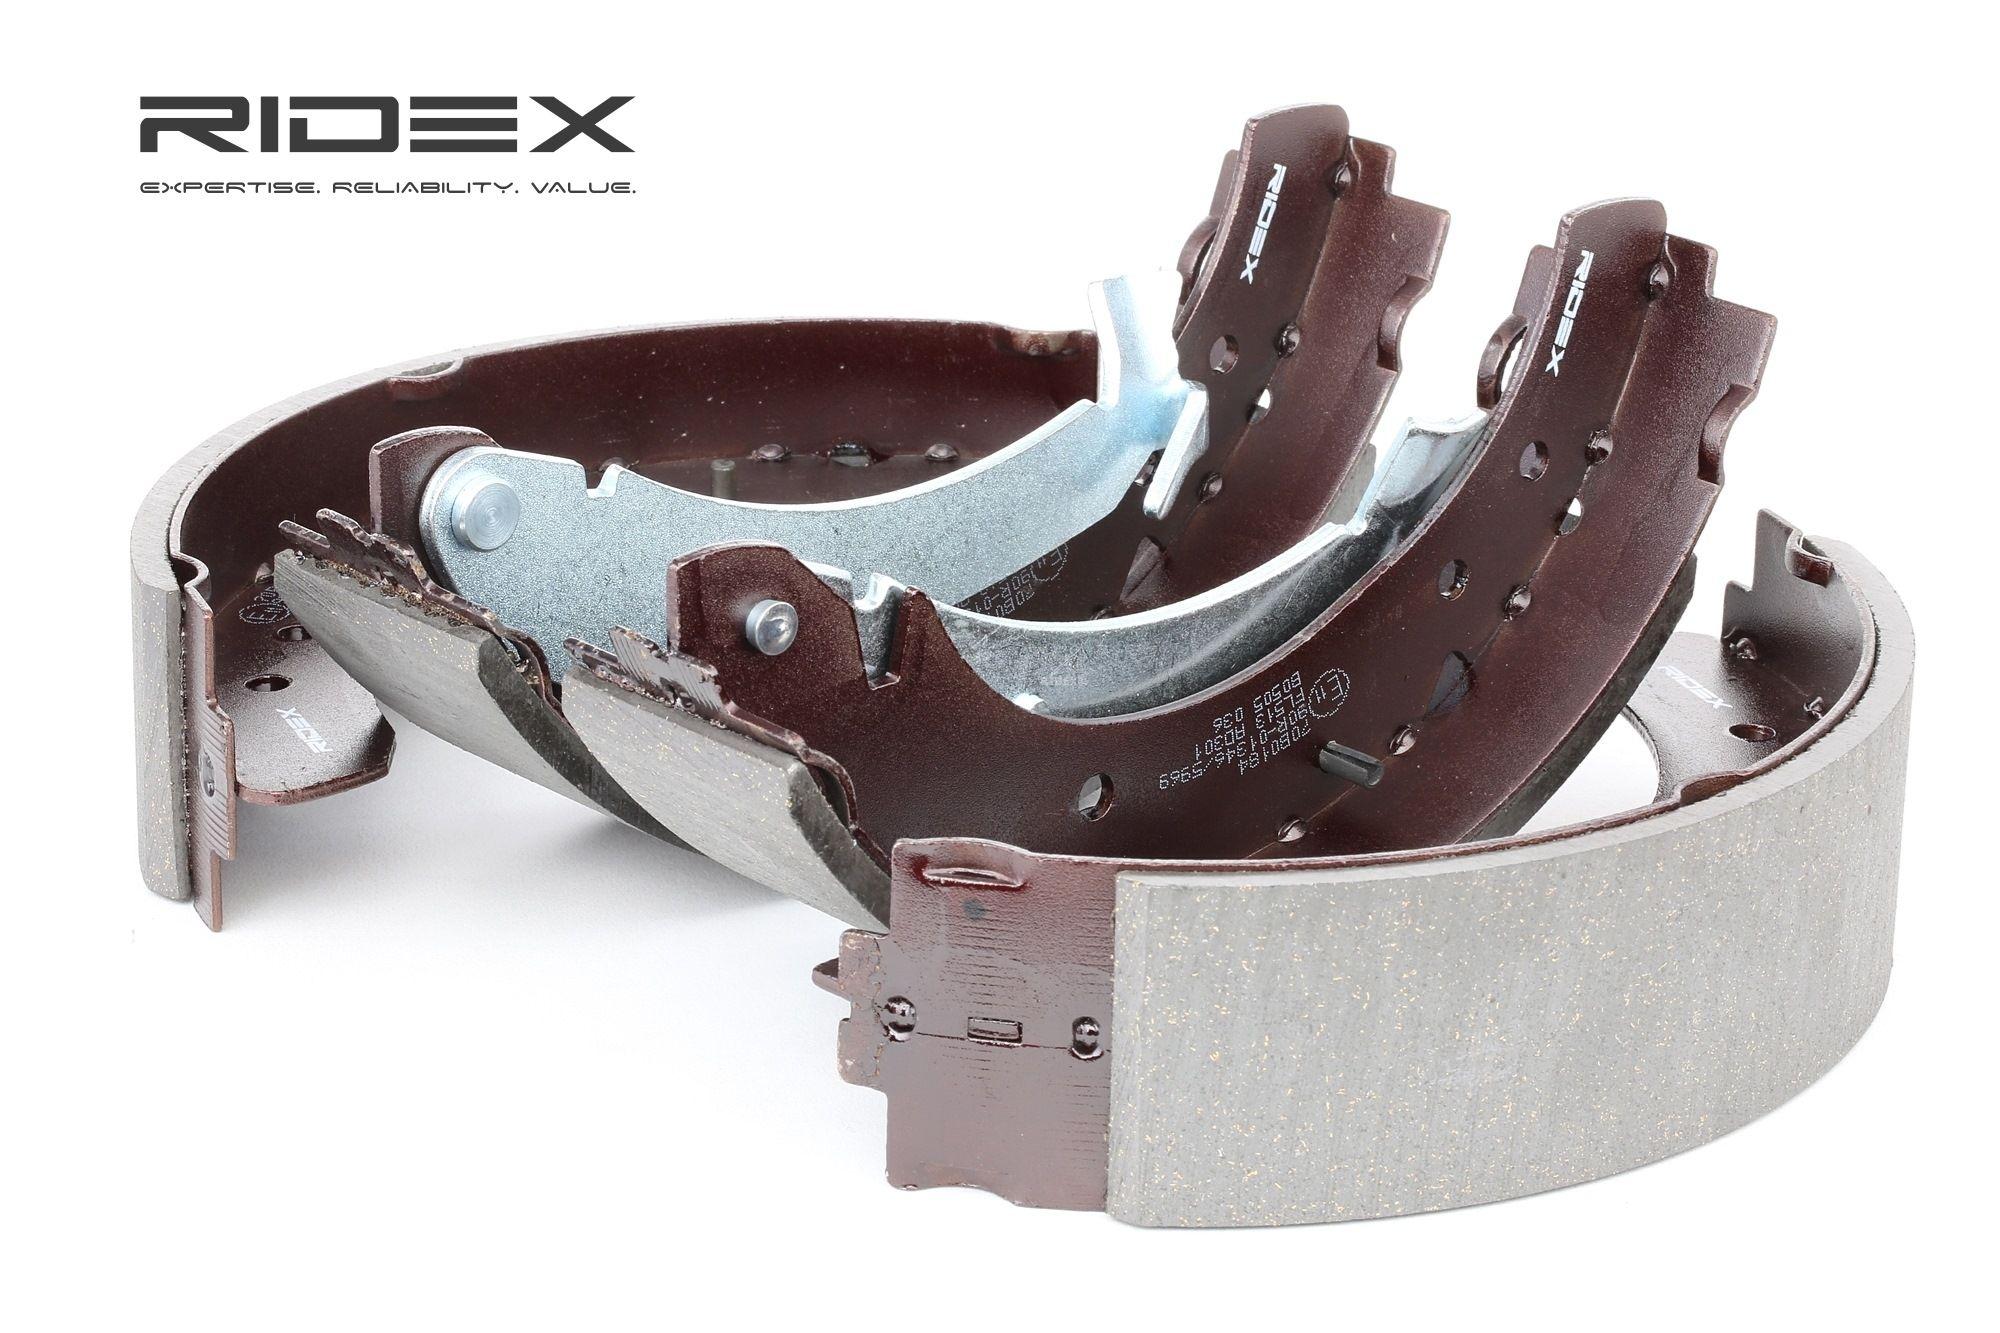 RIDEX: Original Bremsbacken für Trommelbremse 70B0184 (Breite: 57mm)